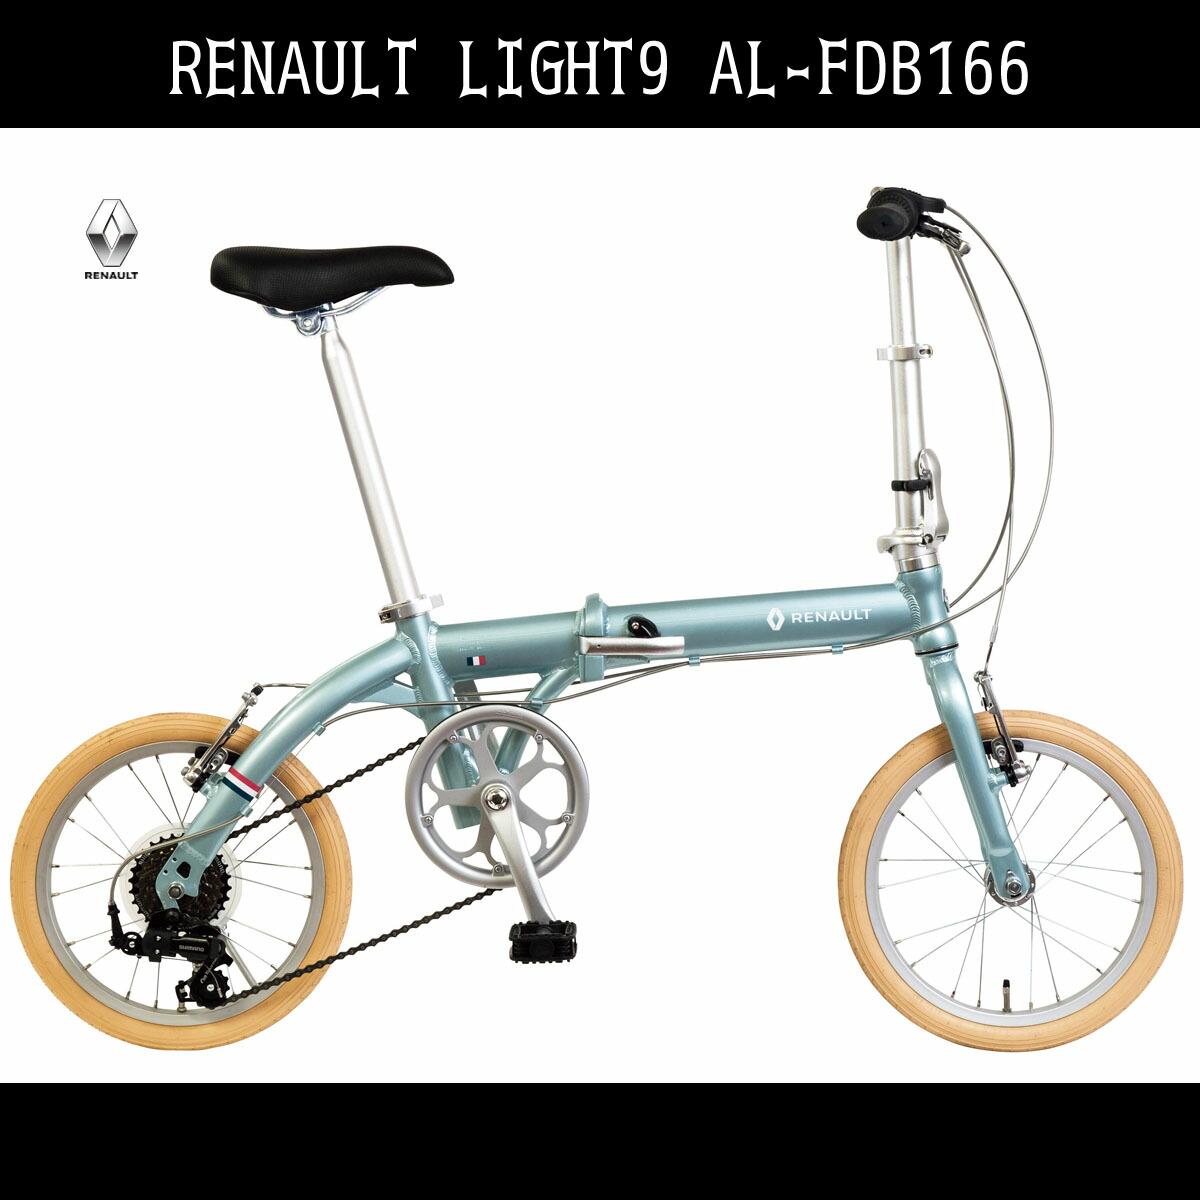 折りたたみ自転車 ルノー RENAULT 自転車 折りたたみ自転車 ブルー/青16インチ 軽量 外装6段変速ギア付き ルノー LIGHT9 AL-FDB166 ライトナイン アルミニウム